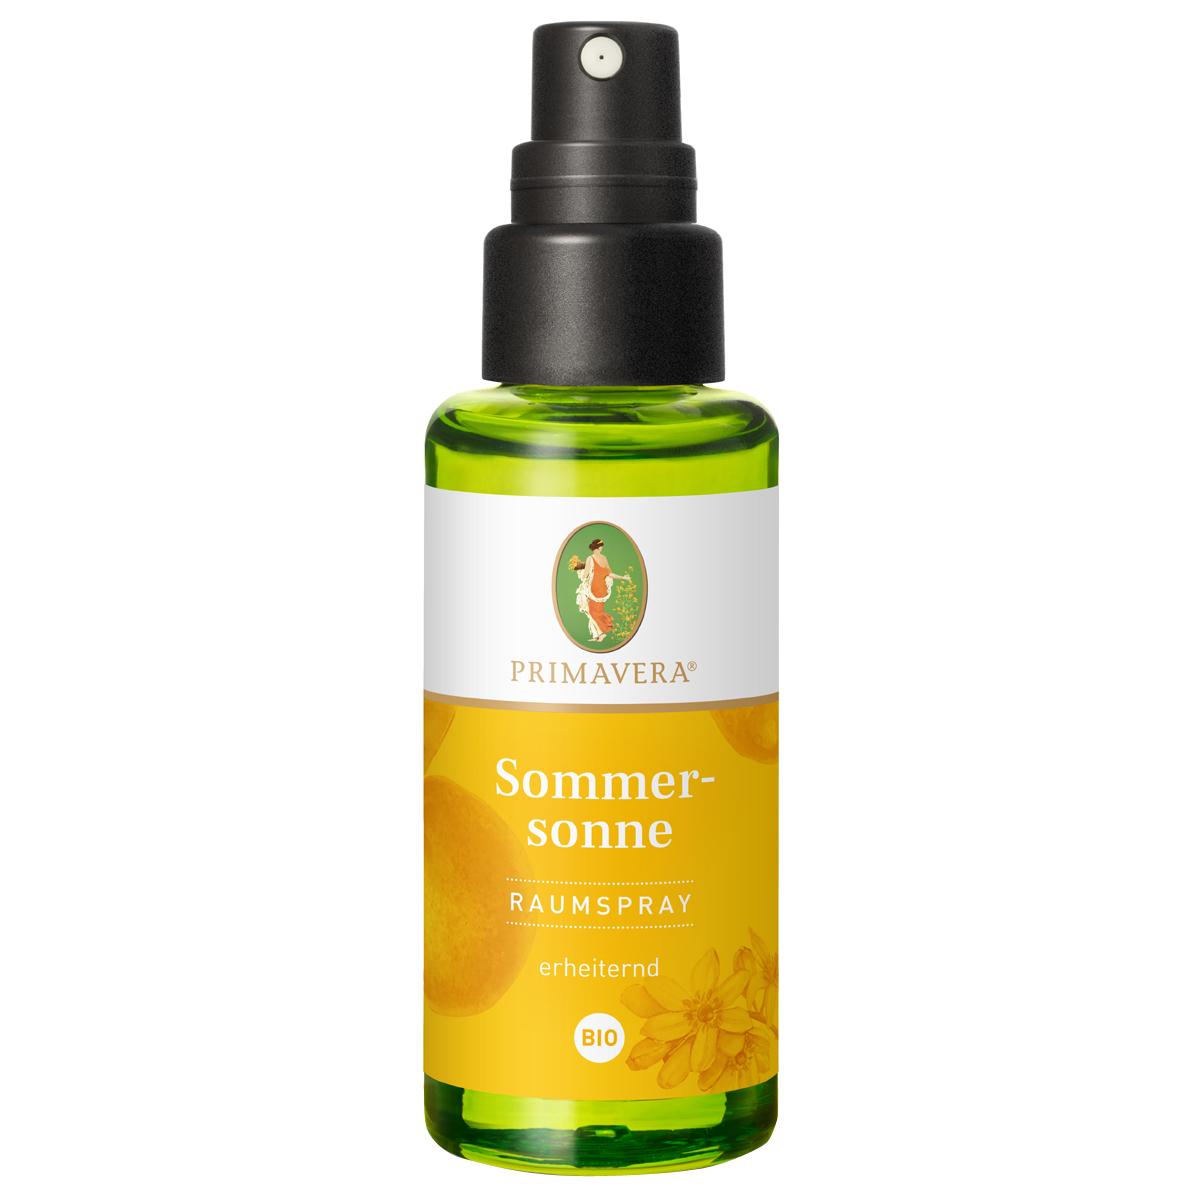 PRIMAVERA Sommersonne Raumspray bio, 50 ml